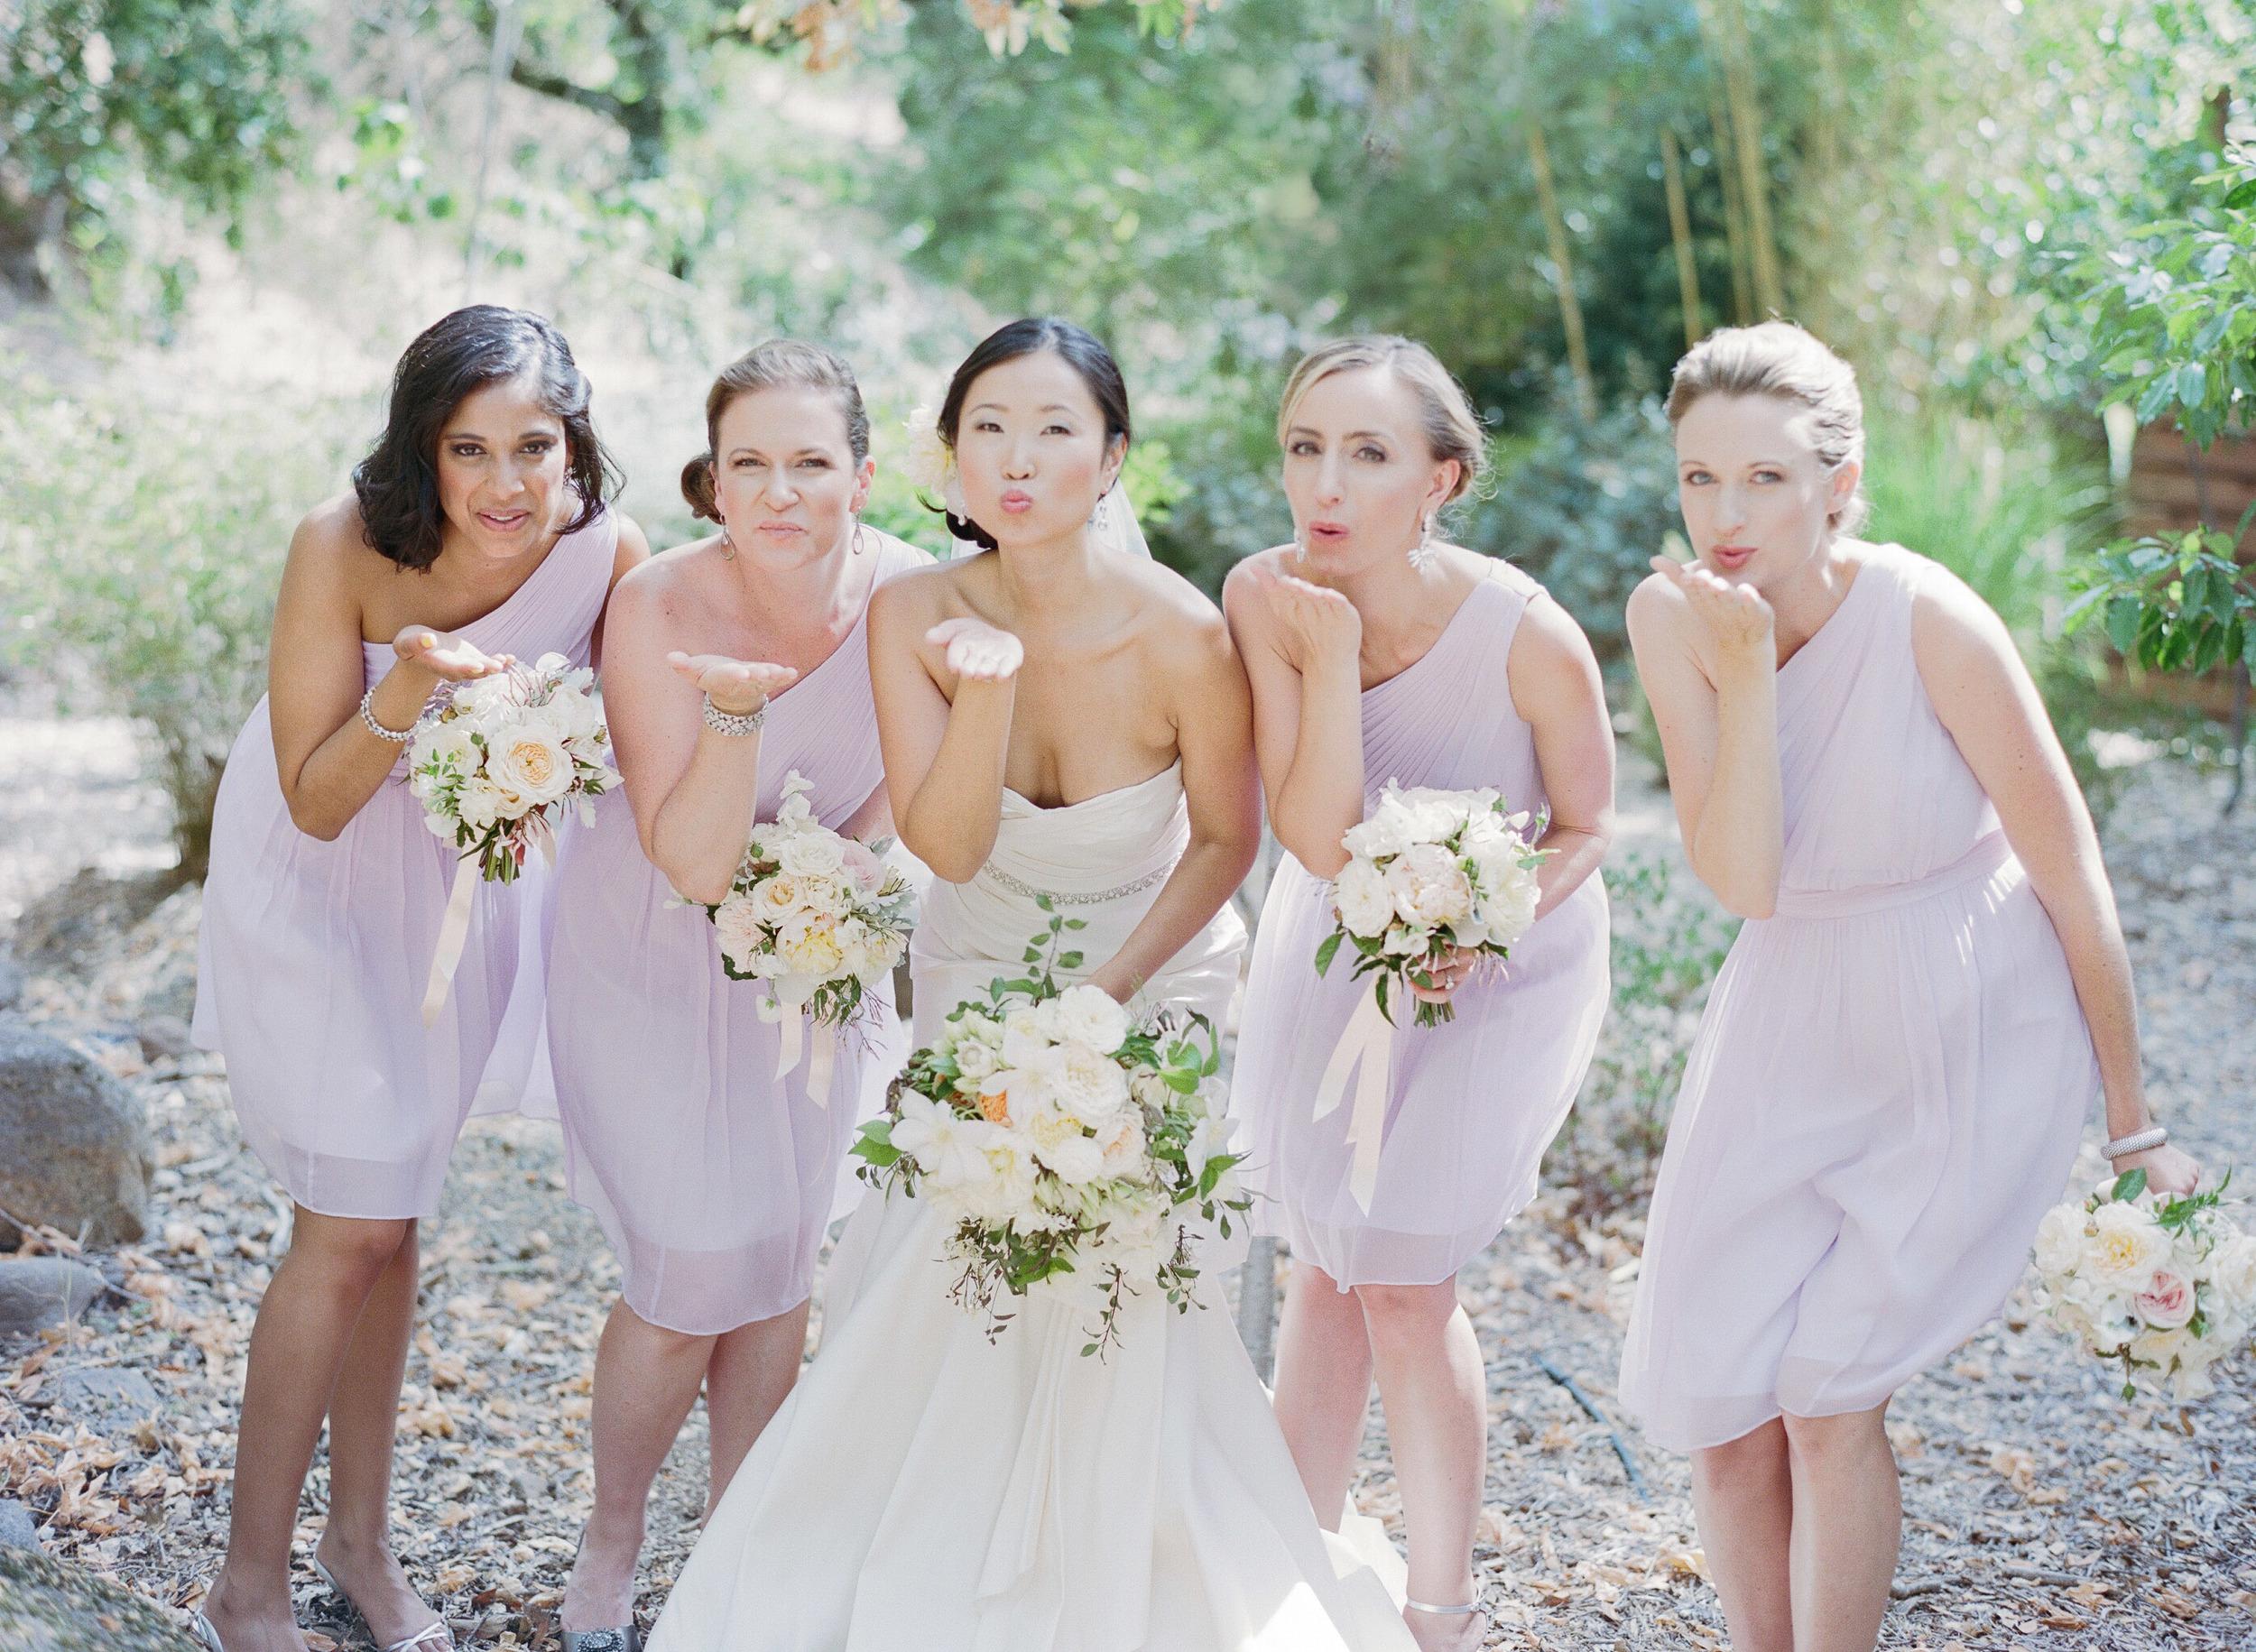 SylvieGil-Bride, Ceremony, Family, film, Groom, Napa, Reception, Wedding, Wedding Party-21.jpg